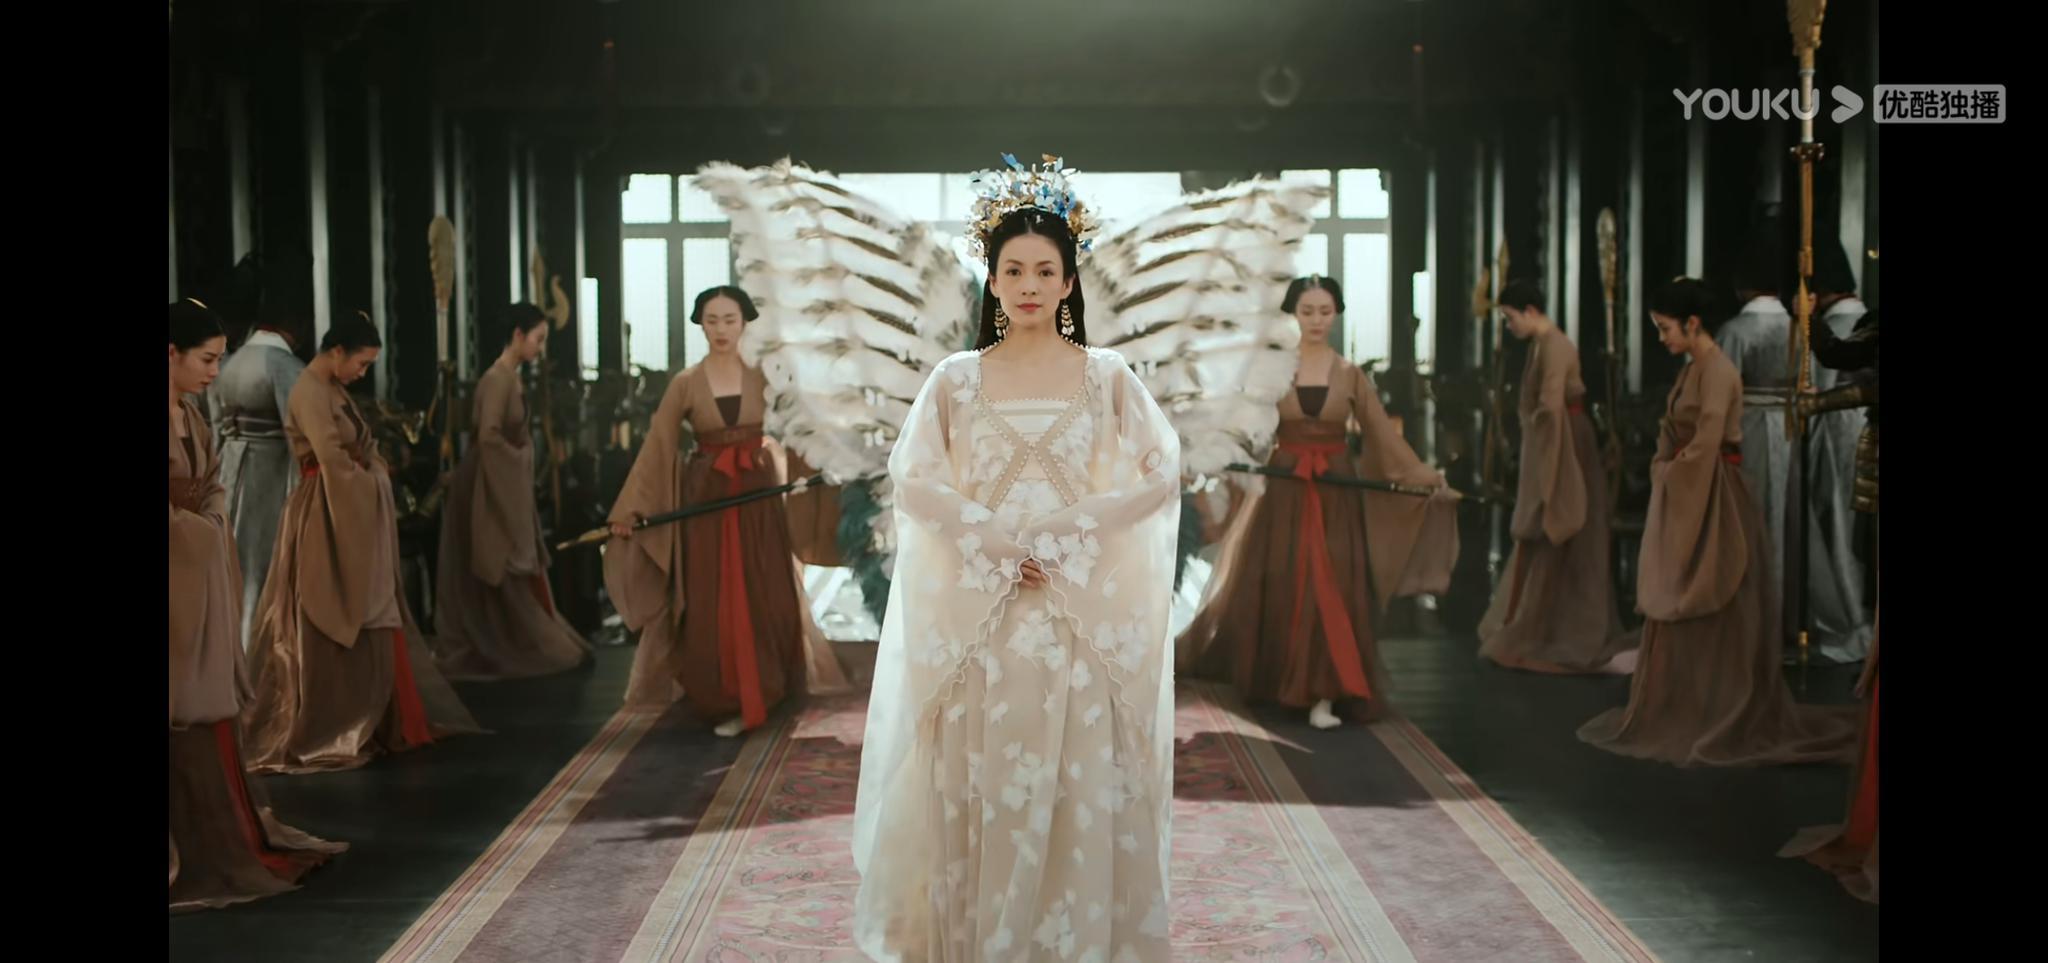 《上阳赋》开分5.8,38岁章子怡演15岁少女,演技能化解年龄尴尬吗?